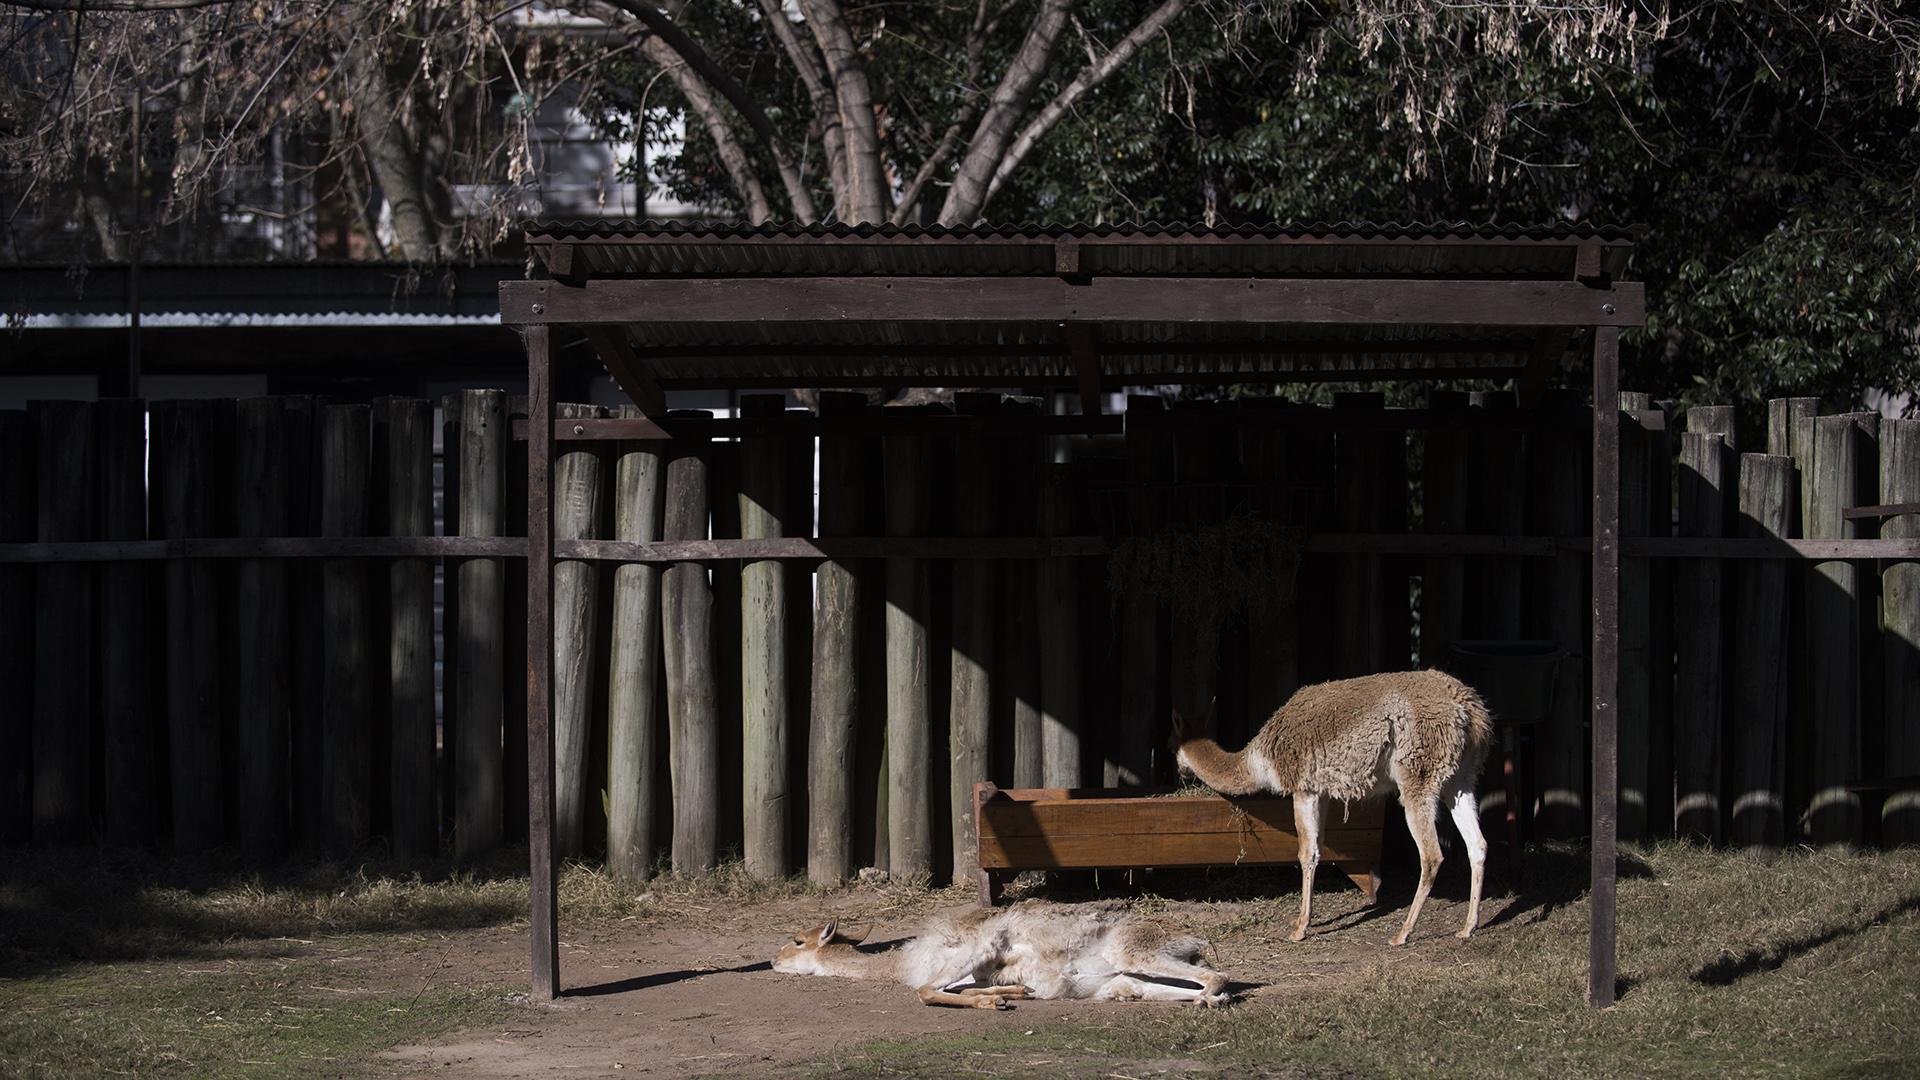 Los cuidadores y profesionales que trabajan en el Ecoparque también estimulan a los animales. Algunos toman sol después del desayuno. (Adrián Escandar)